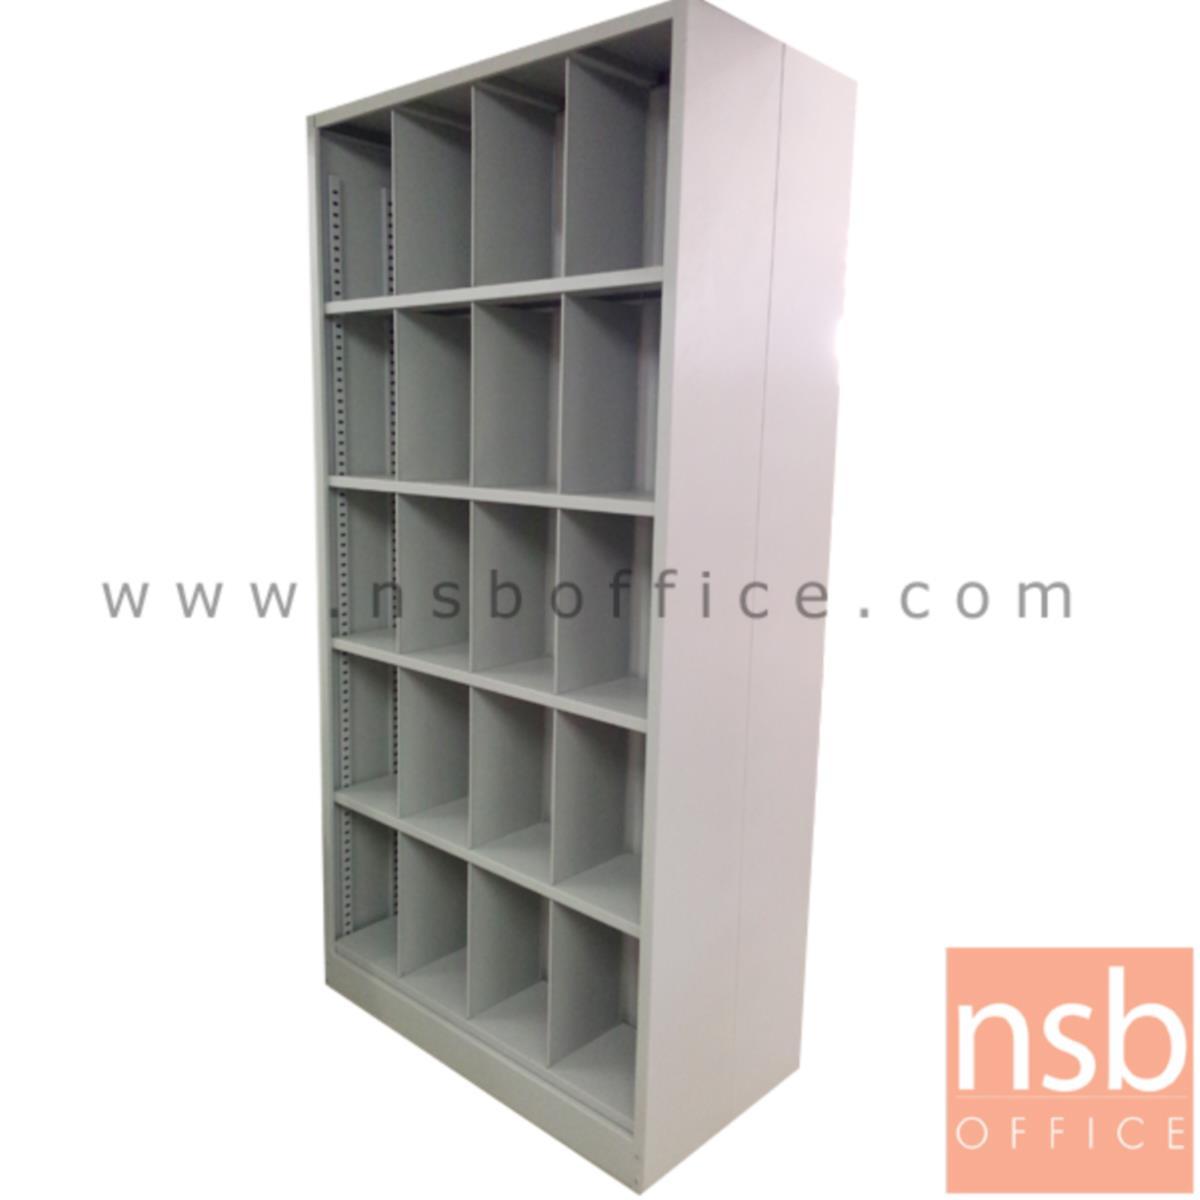 ตู้เก็บแฟ้มเวชระเบียน PRV 2 หน้า 5 ชั้น 40 ช่อง รุ่น NA-240 ขนาด 106.6W*213.5H cm.